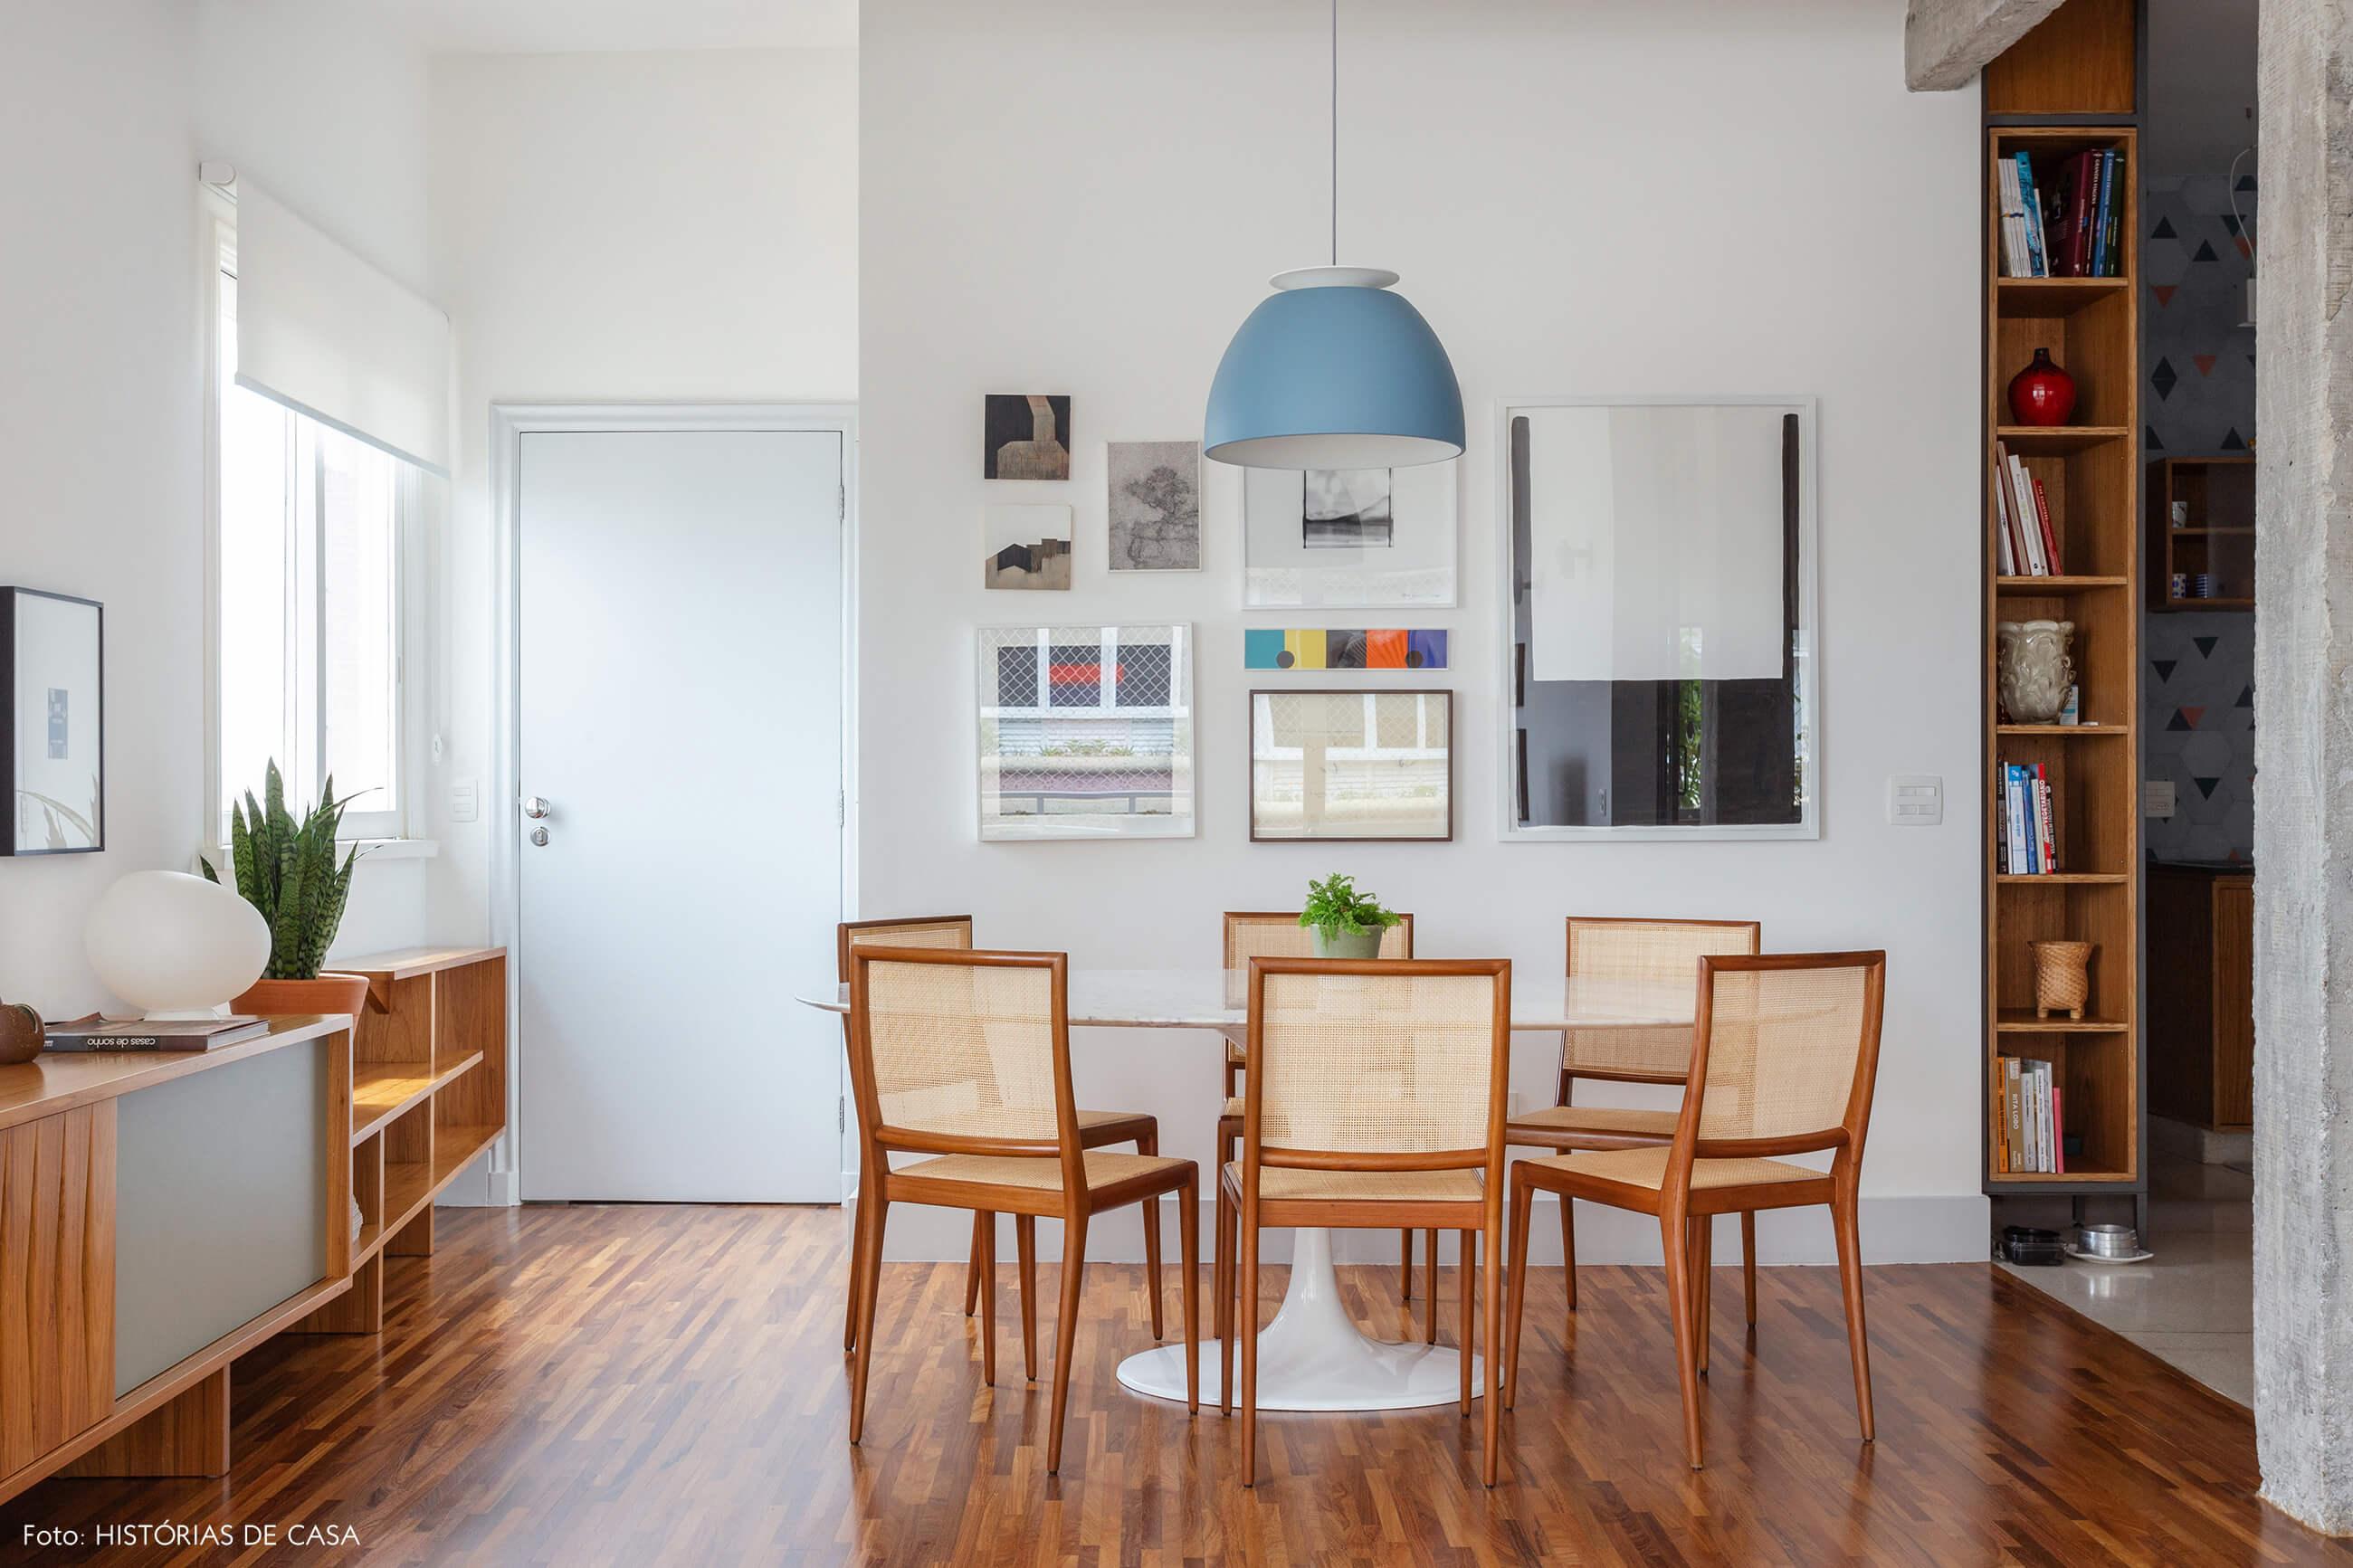 Sala de jantar com mesa oval e cadeiras de palhinha